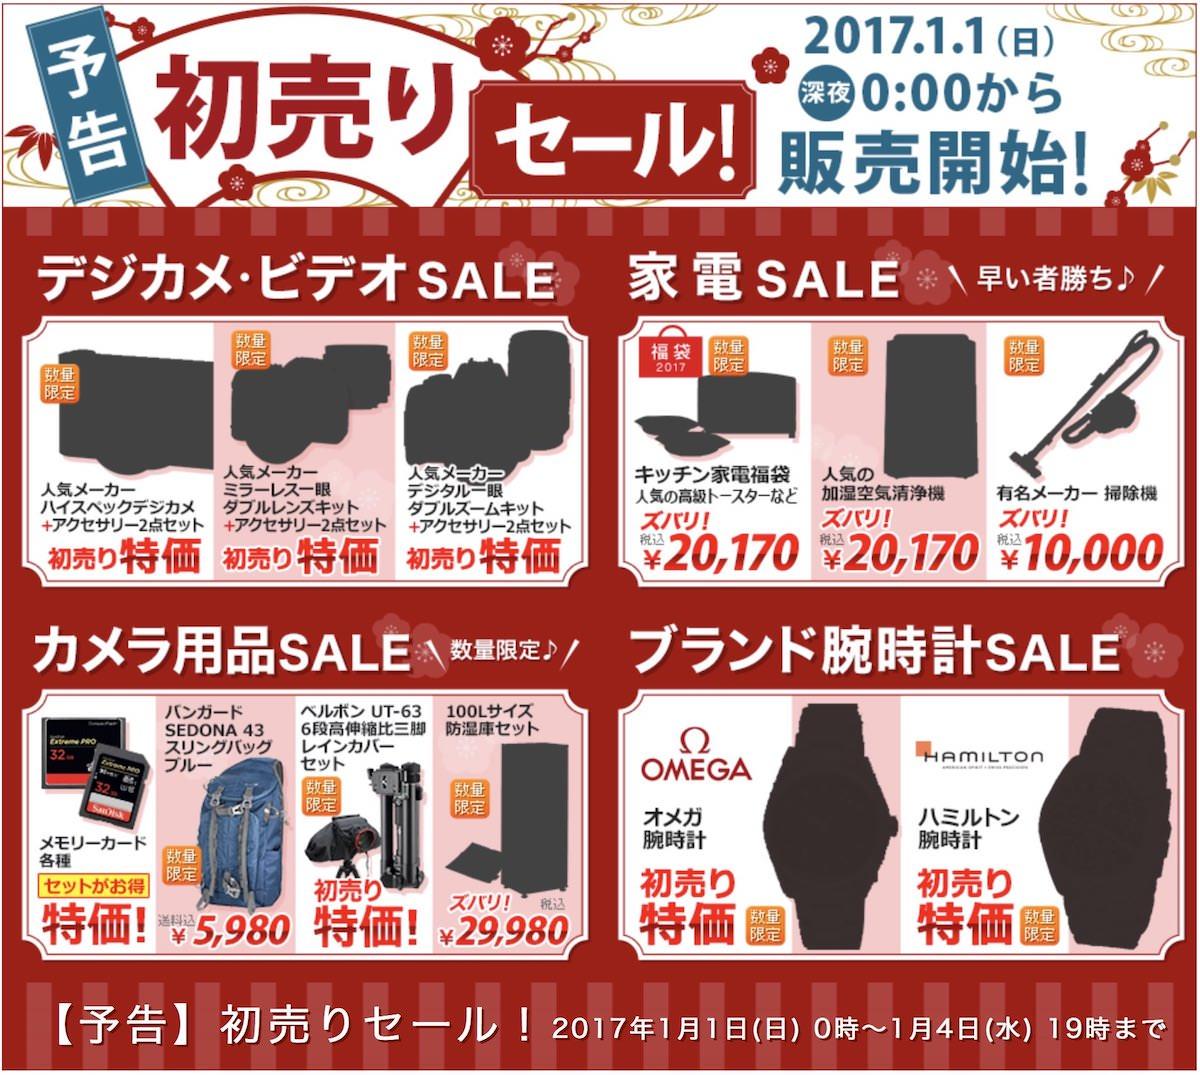 カメラのキタムラで2017年初売りが開始!デジカメ、家電、ブランド腕時計がセールに